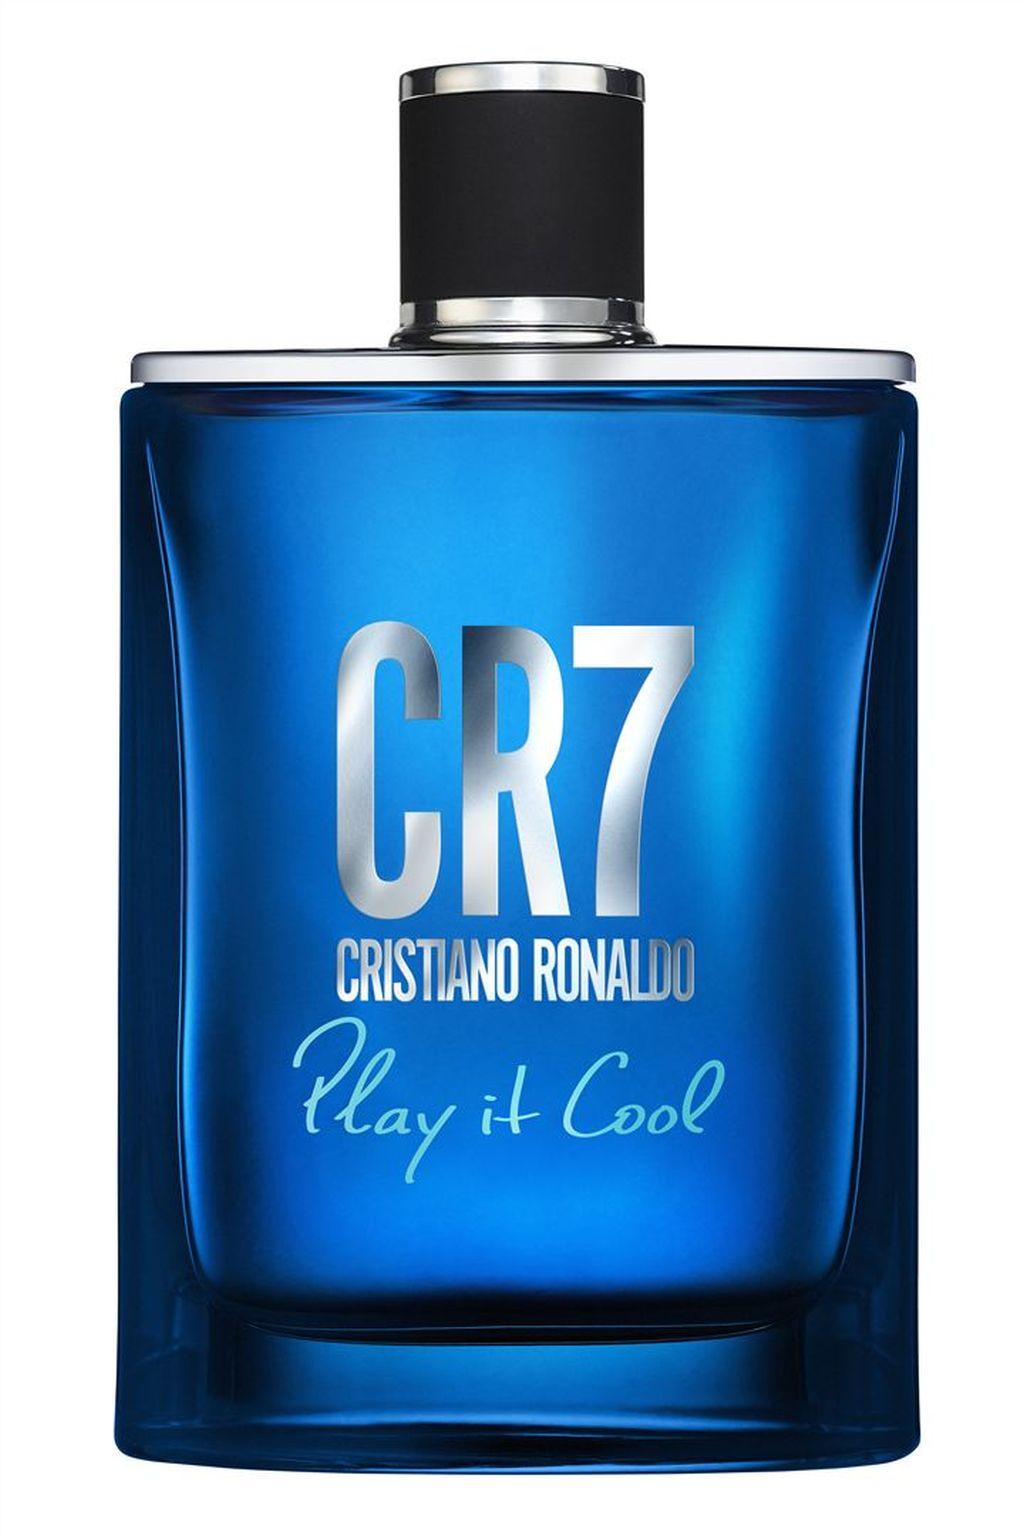 בושם חדש לגבר של כריסטיאנו רונאלדו